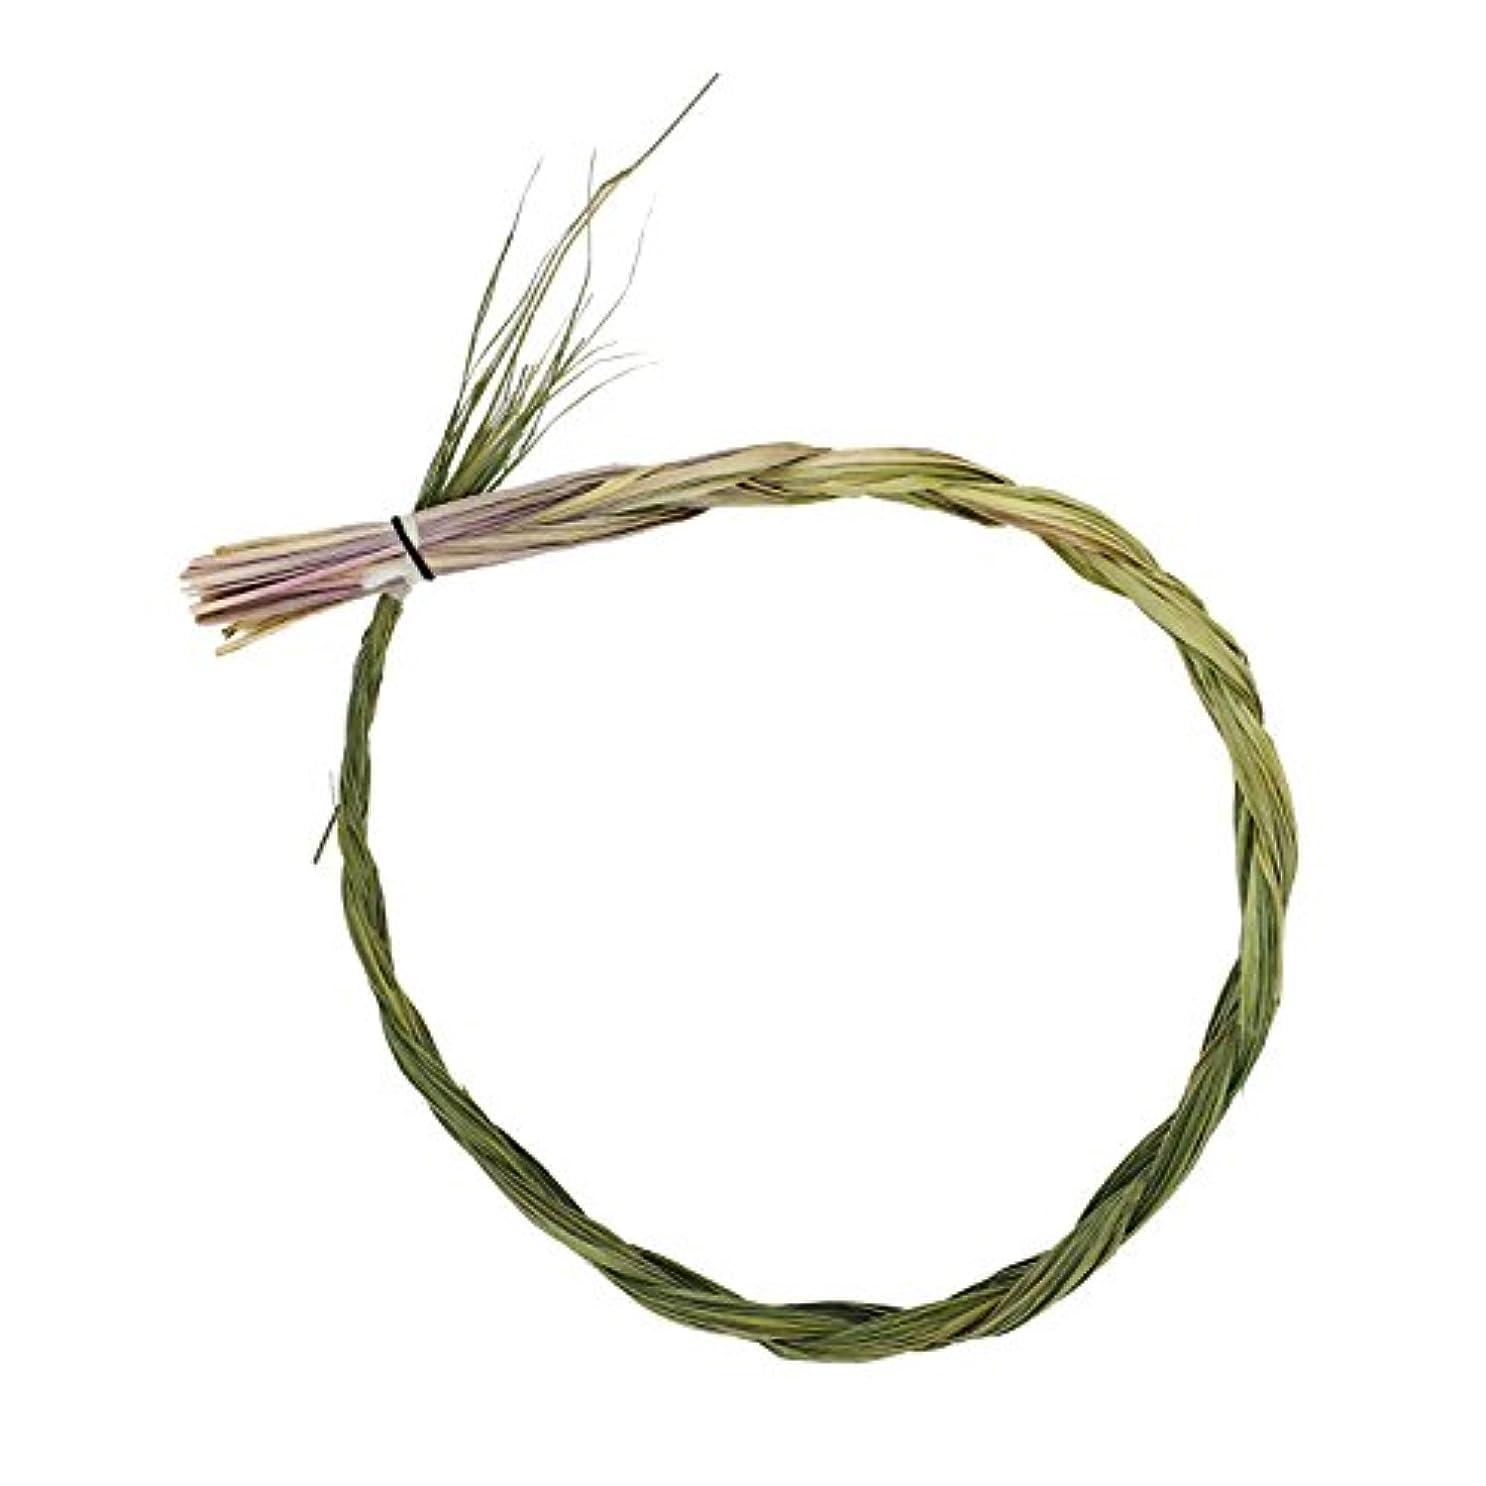 安心ソケットいたずらなAlternative想像力Sweetgrass Incense三つ編み、Extra Largeサイズ、長さ24インチ